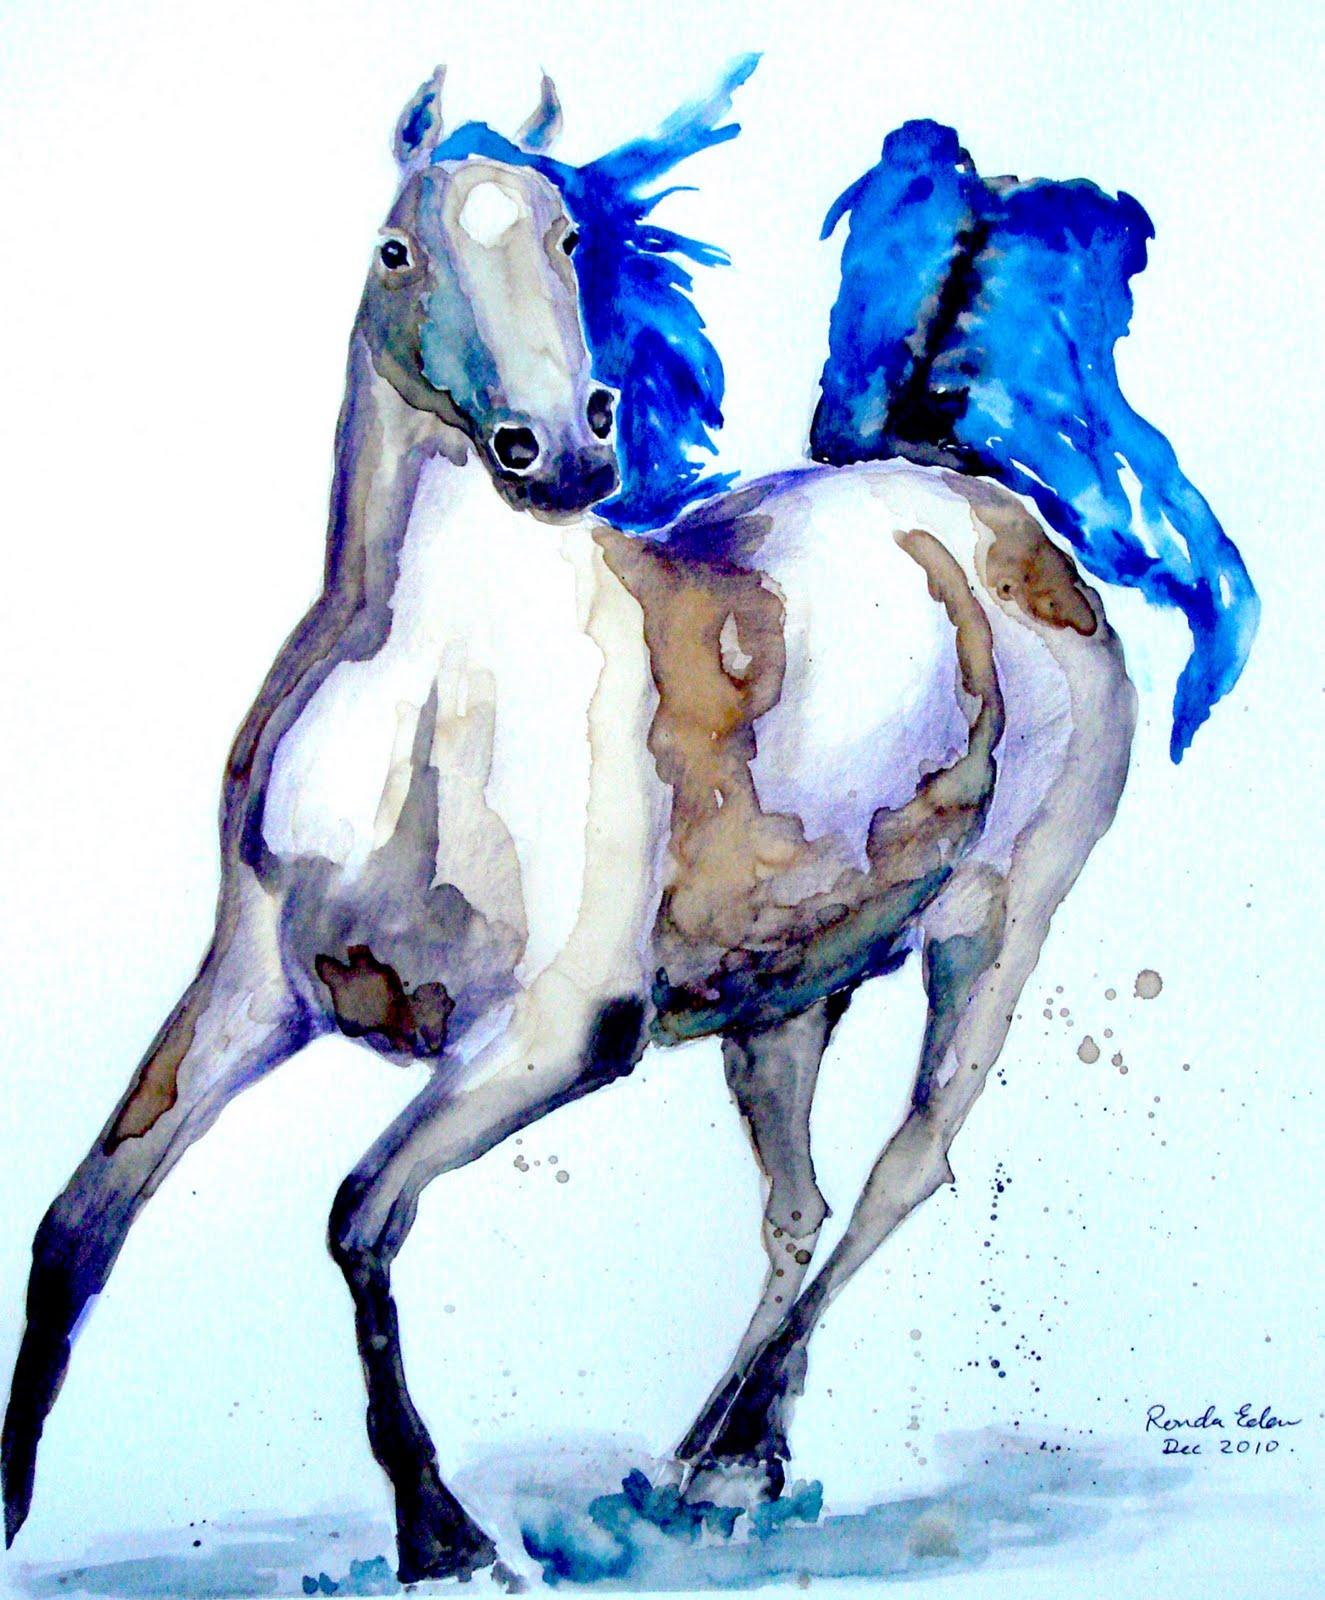 Cool   Wallpaper Horse Watercolor - DSC02500  HD_85837.JPG